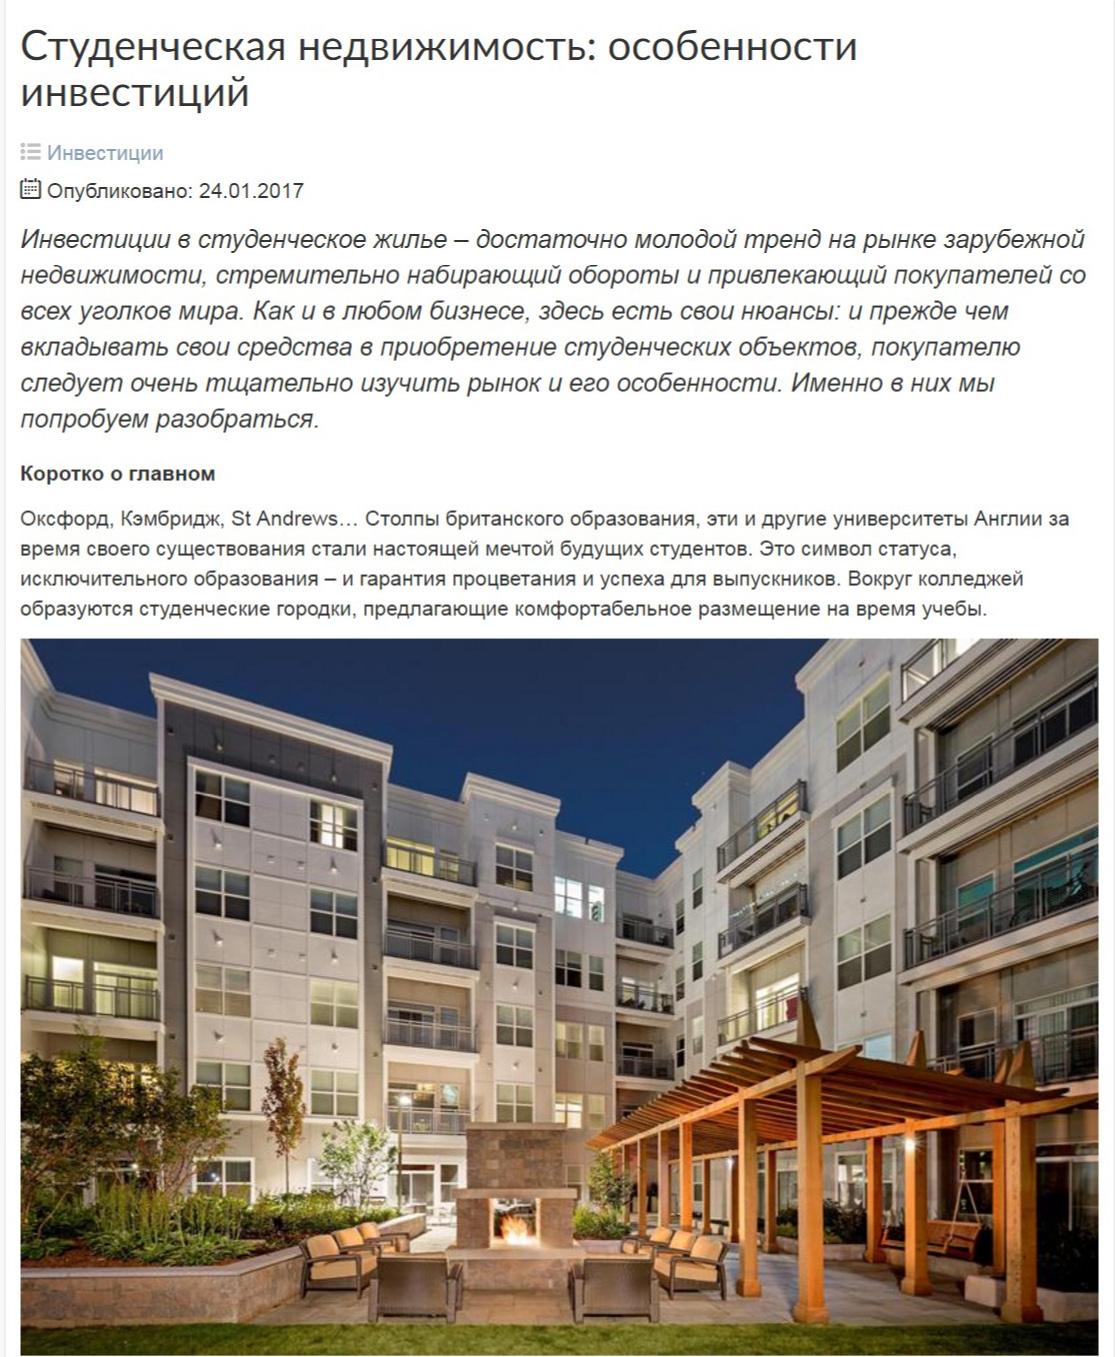 Pdf: Инвестиция в студентски имоти във Великобритания - Stonehard